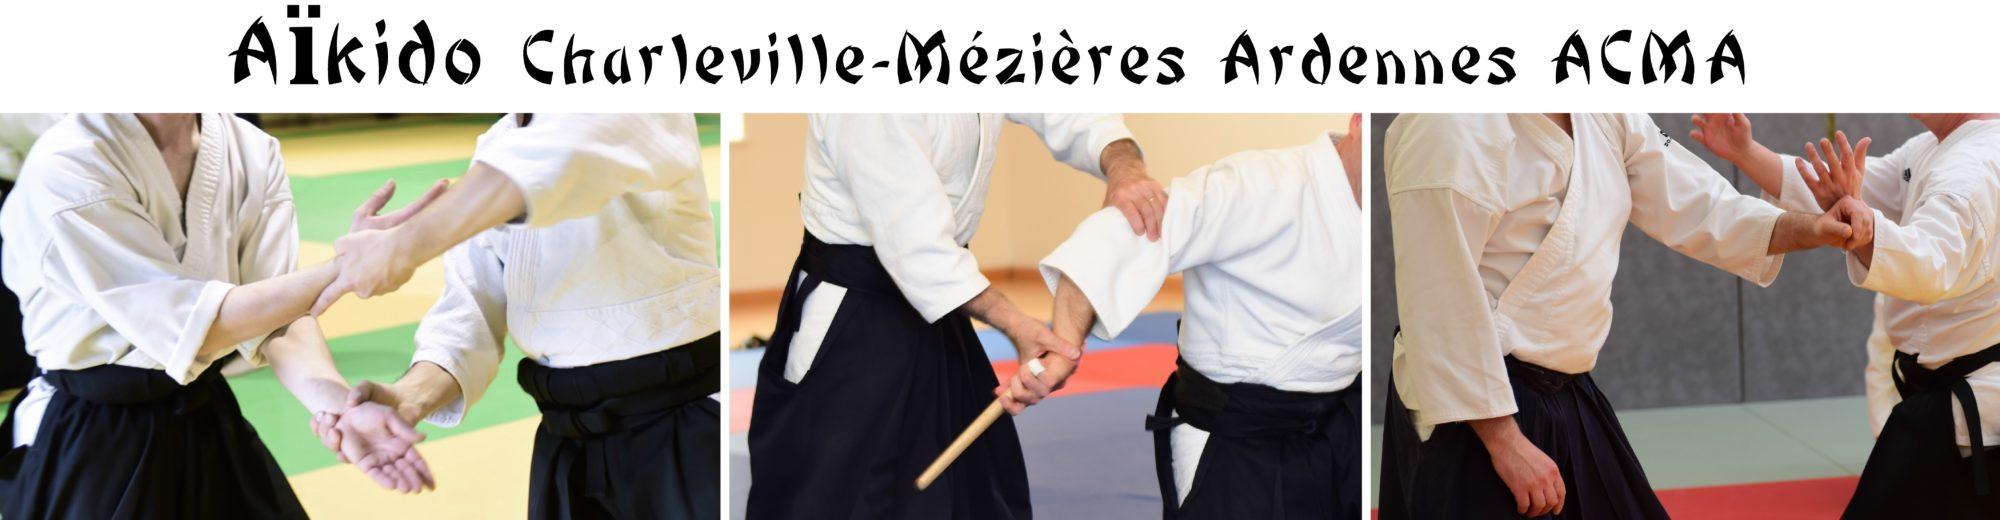 Aikido Charleville-Mézières Ardennes